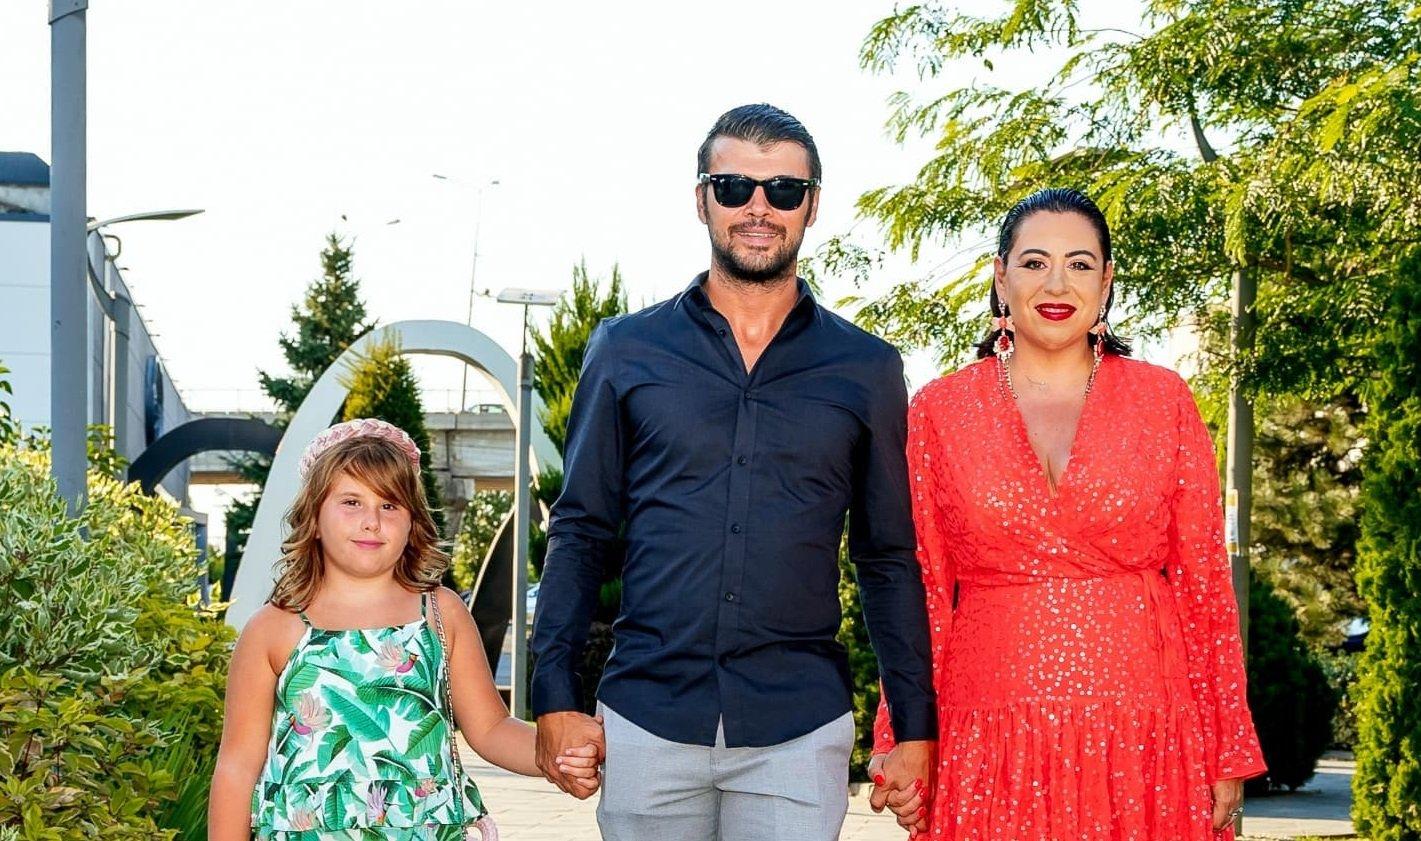 """Oana Roman s-a deschis în fața fanilor săi! Vedeta a suferit enorm în urma plecării tatălui său după Revoluție: """"Eu nu mai aveam familie"""""""